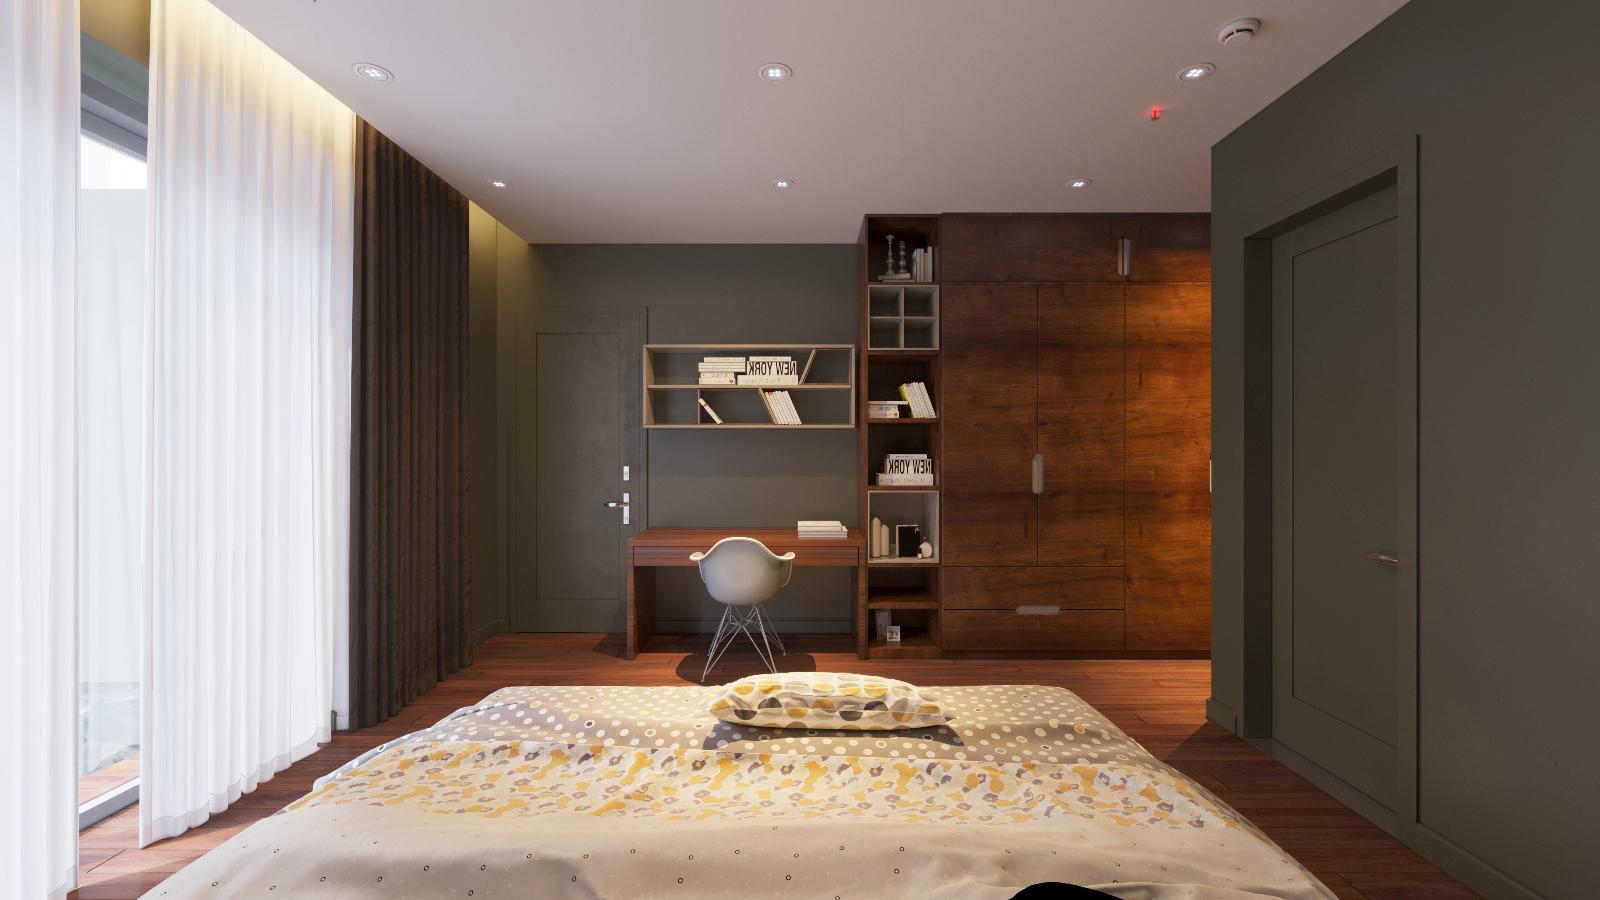 thiết kế Nội thất Biệt Thự 3 tầng biệt thự bt25 splendora mới (lakeside splendora)150